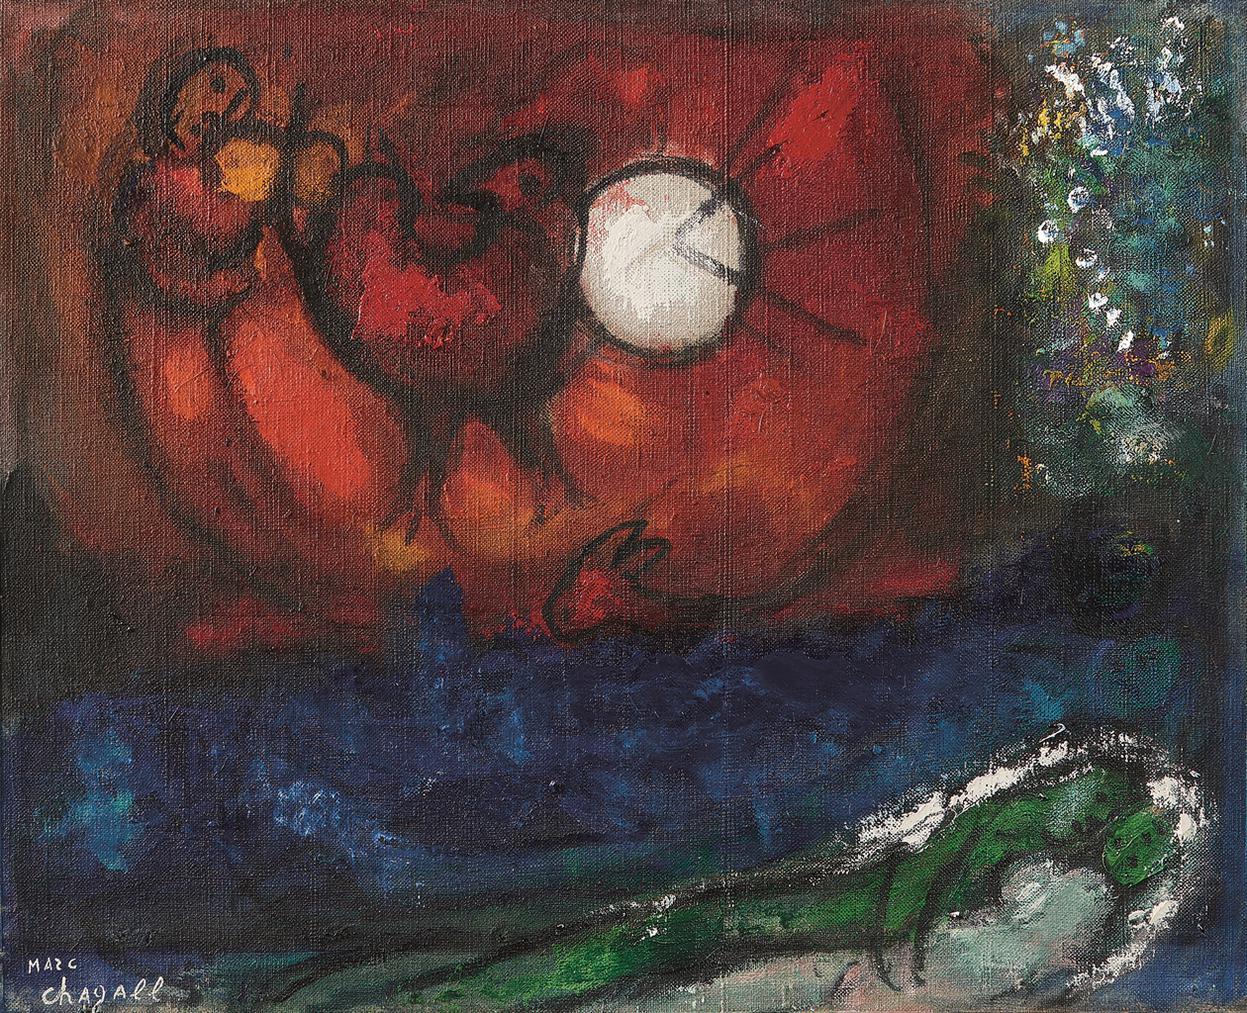 Marc Chagall-Etude Pour La Nuit De Vence-1956